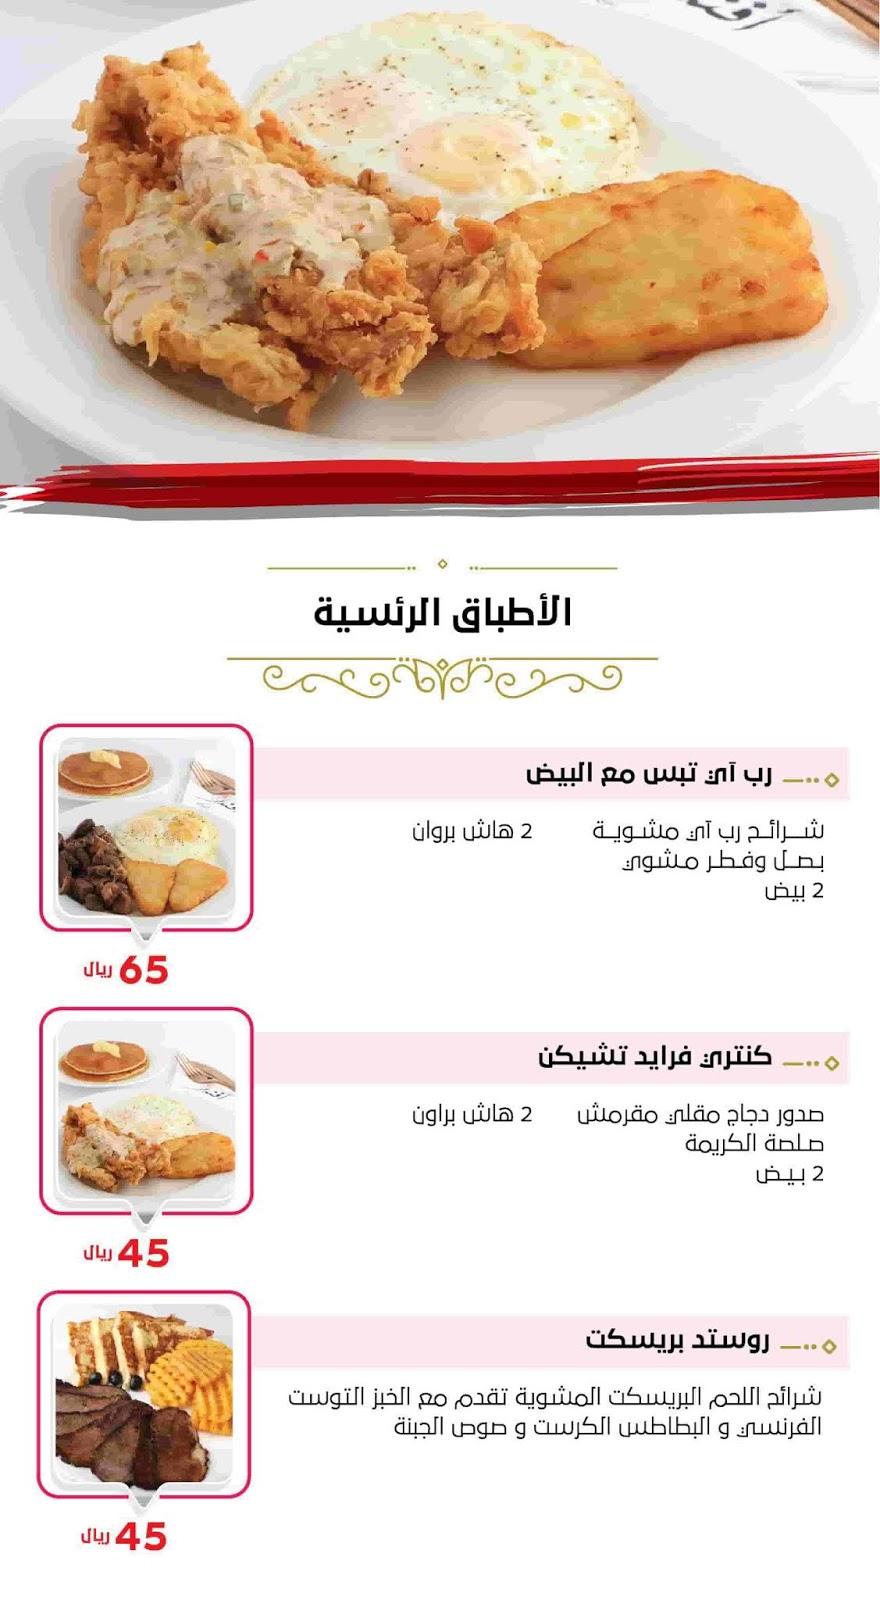 منيو مطعم الصافي الطائف